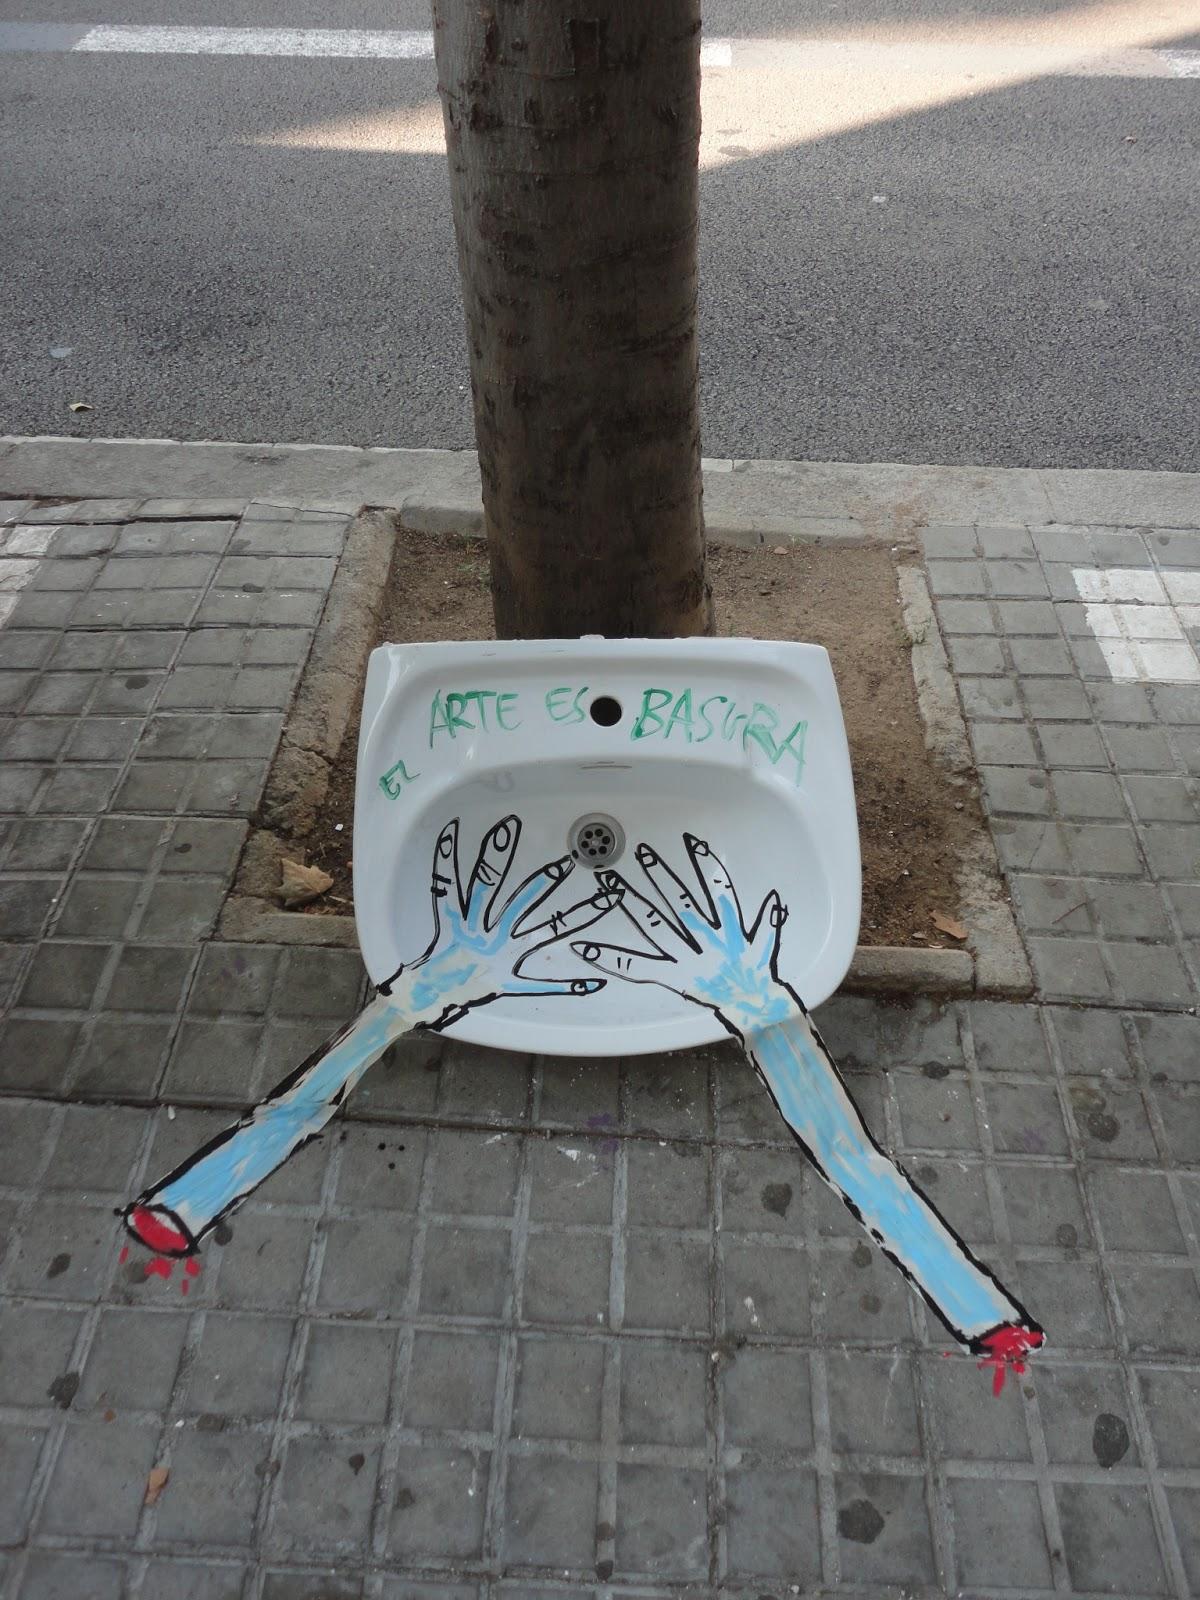 http://3.bp.blogspot.com/-oTgn4KDDxmU/UePNcuLhLAI/AAAAAAAACwk/2Dp3IsW1bl4/s1600/M+003.JPG